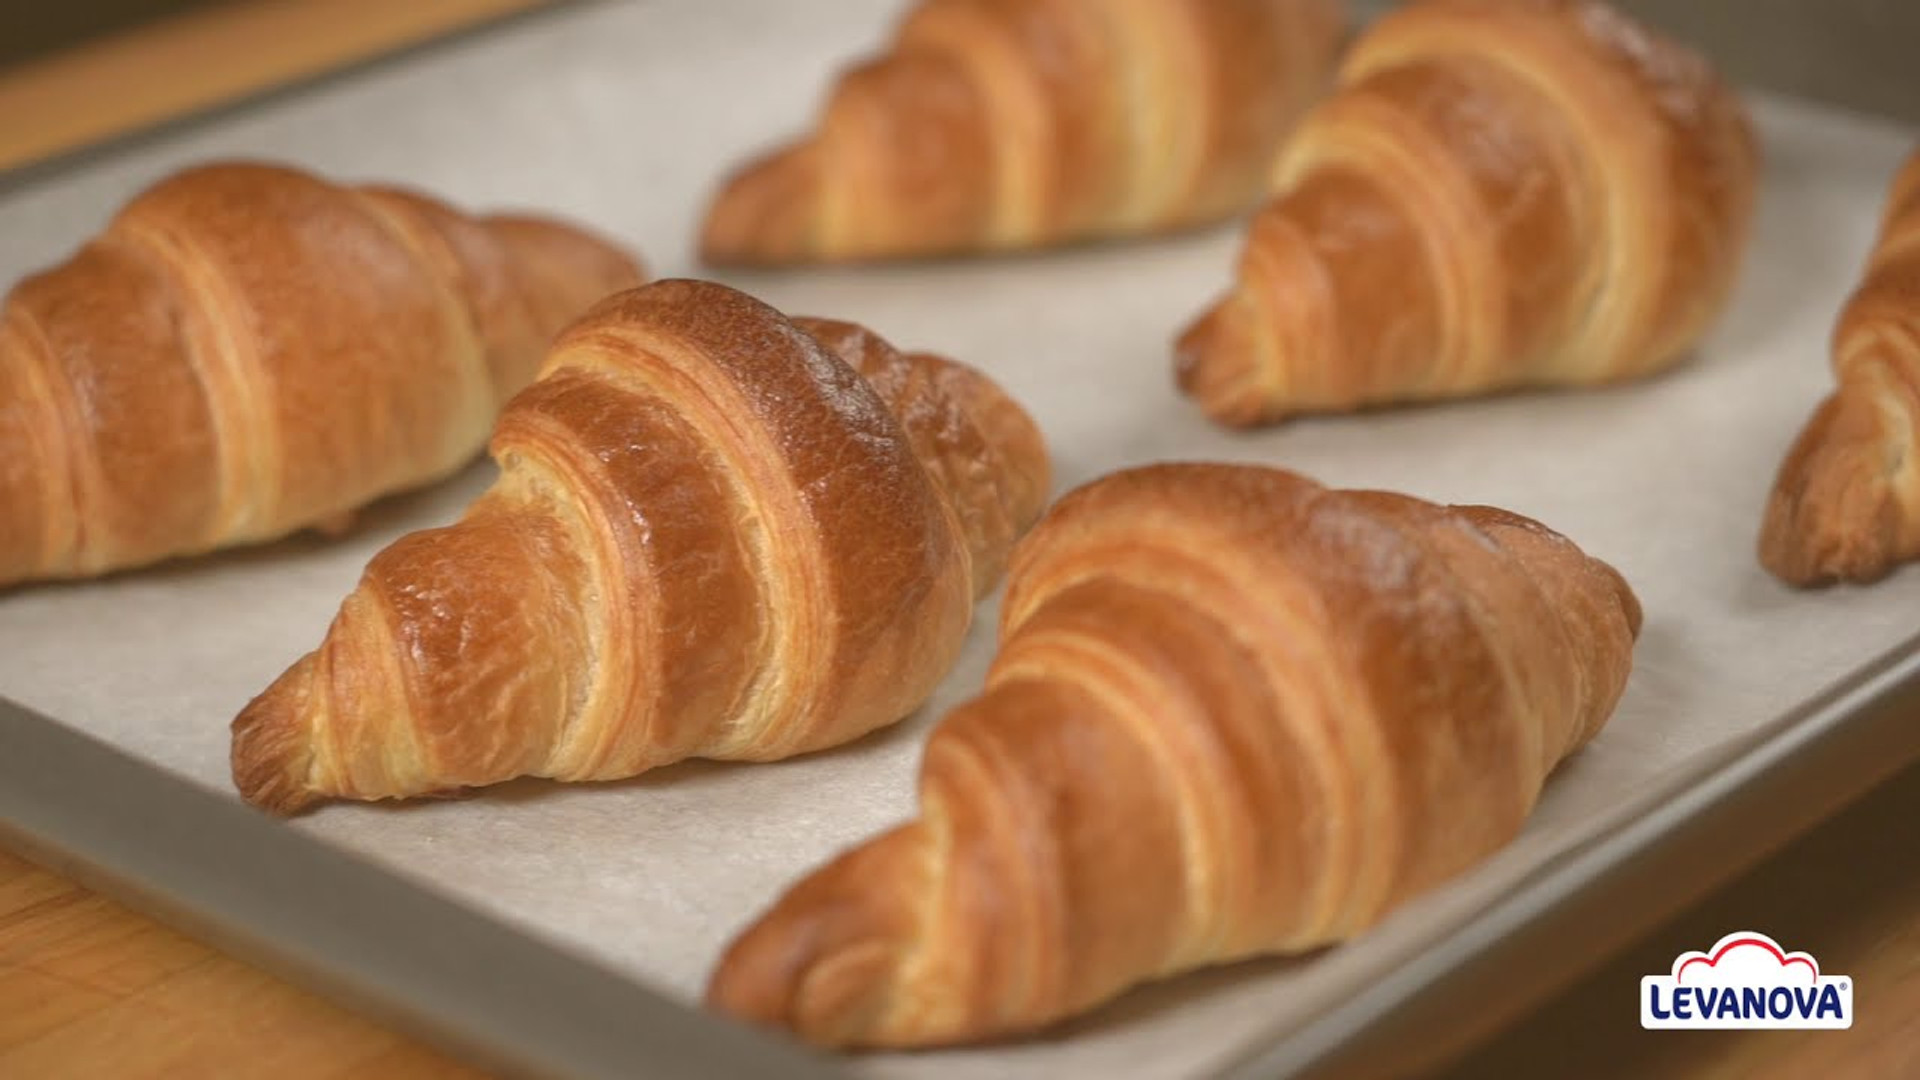 Receta sencilla para unos deliciosos croissants caseros